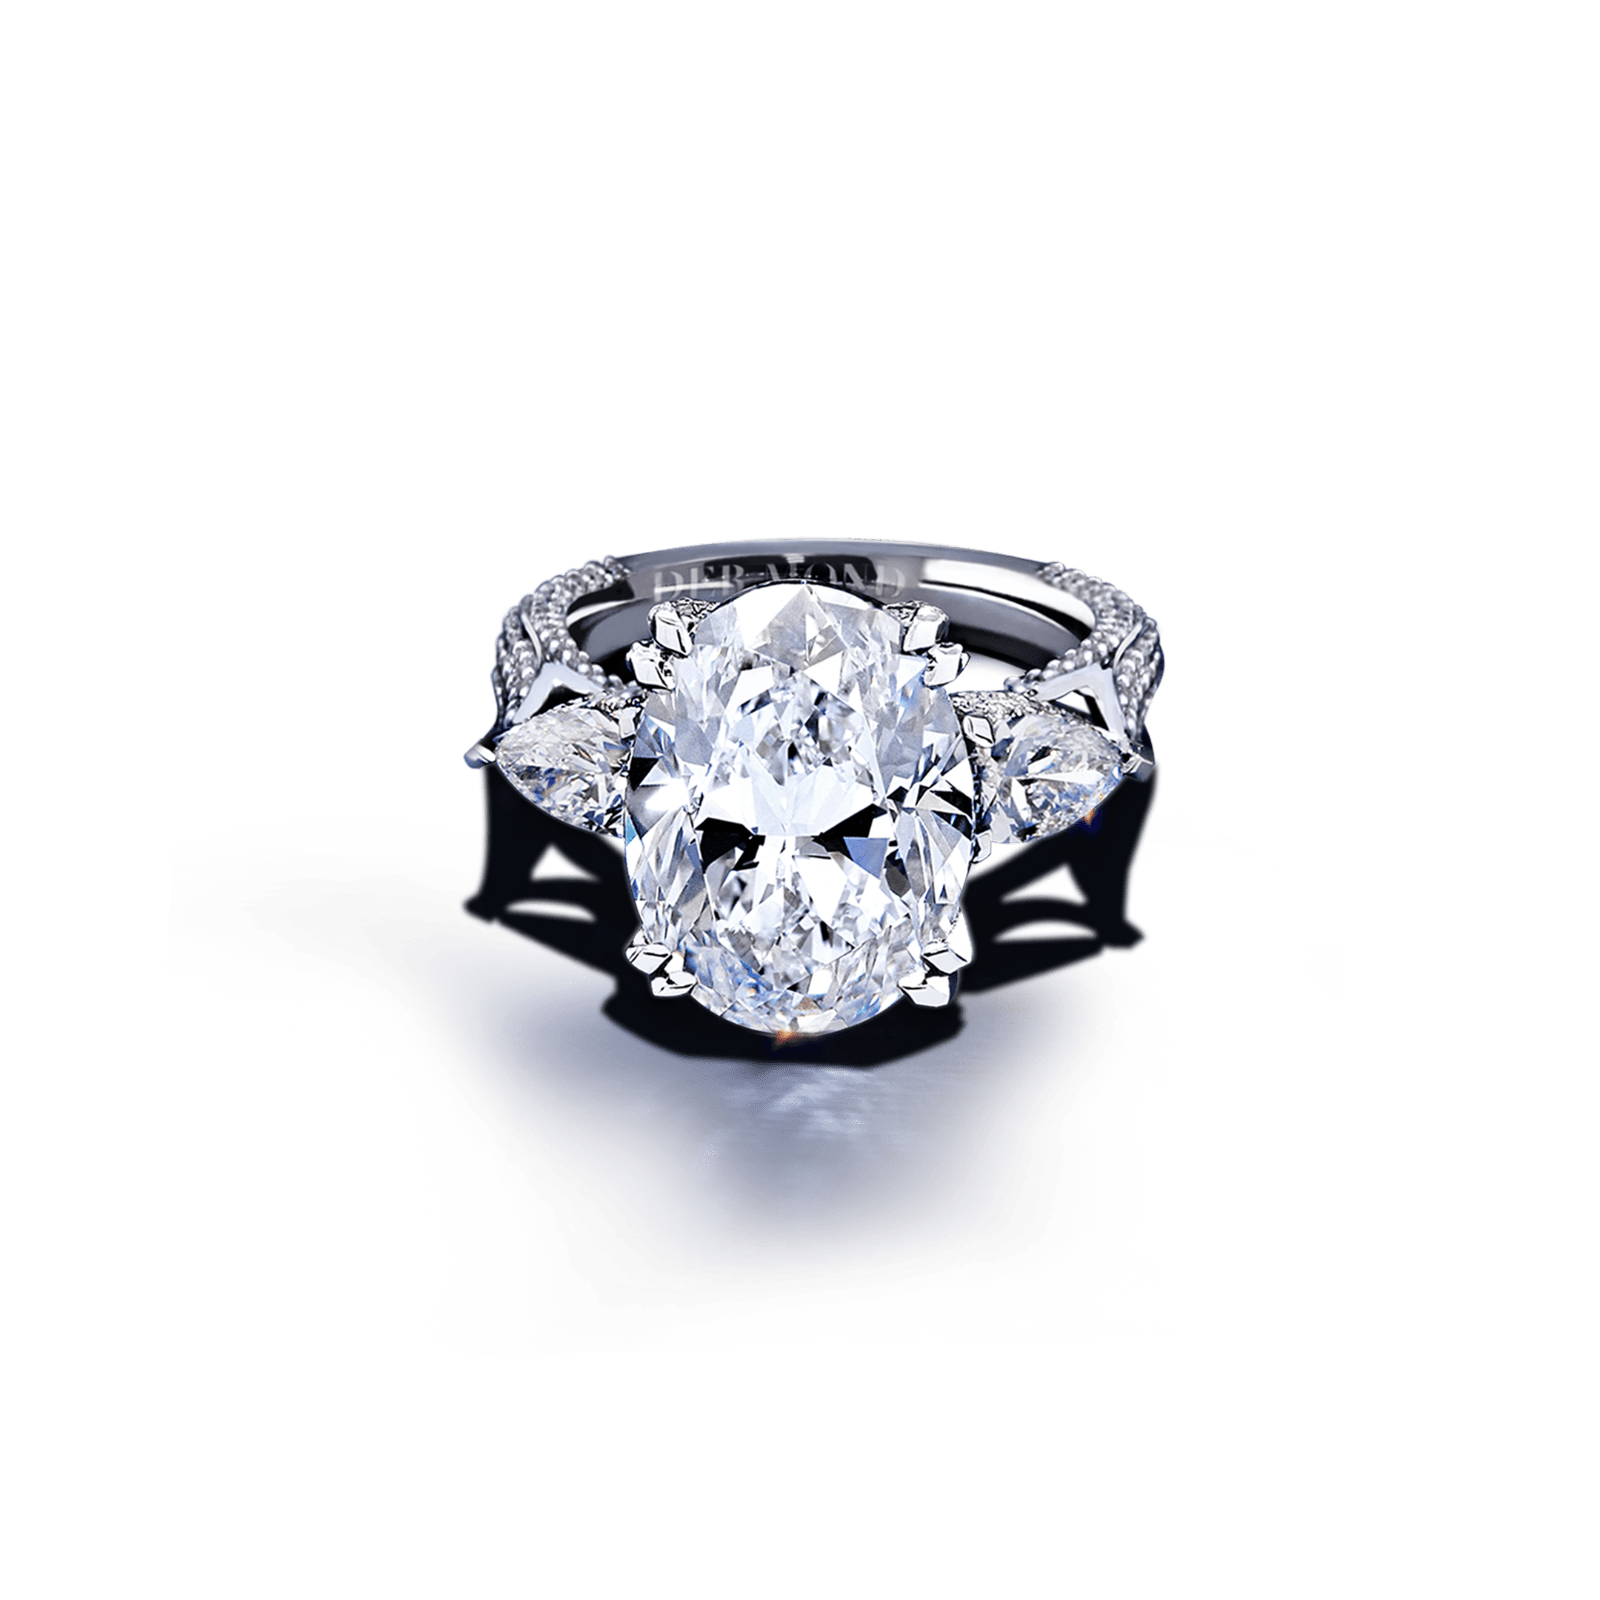 EXCEPTIONAL DIAMOND